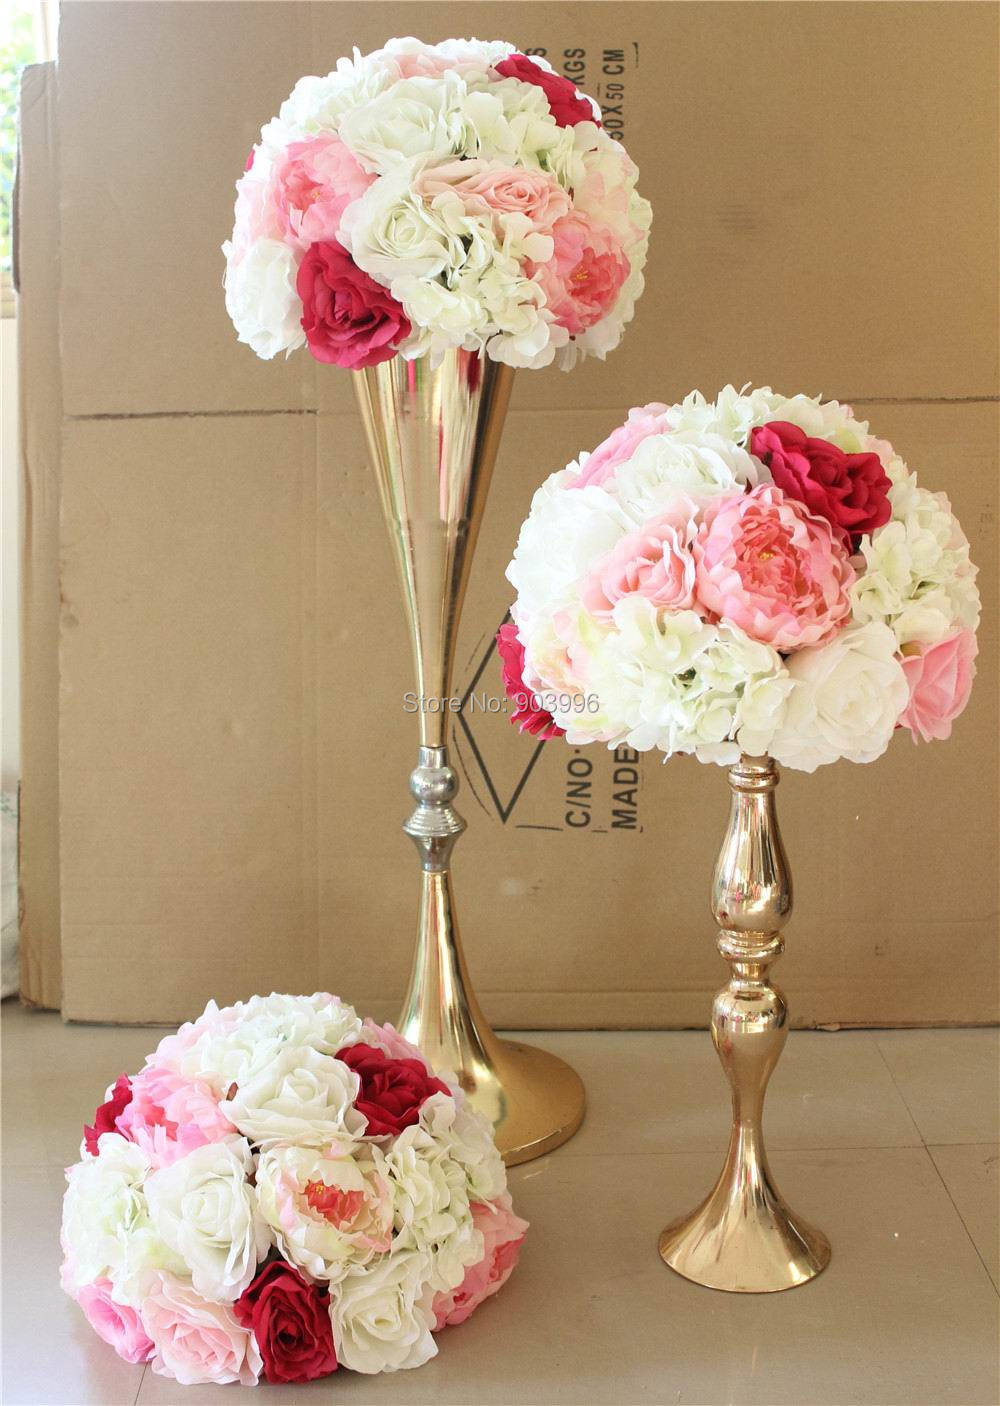 SPR amestec Pink serie artificiale trandafir nunta flori perete - Produse pentru sărbători și petreceri